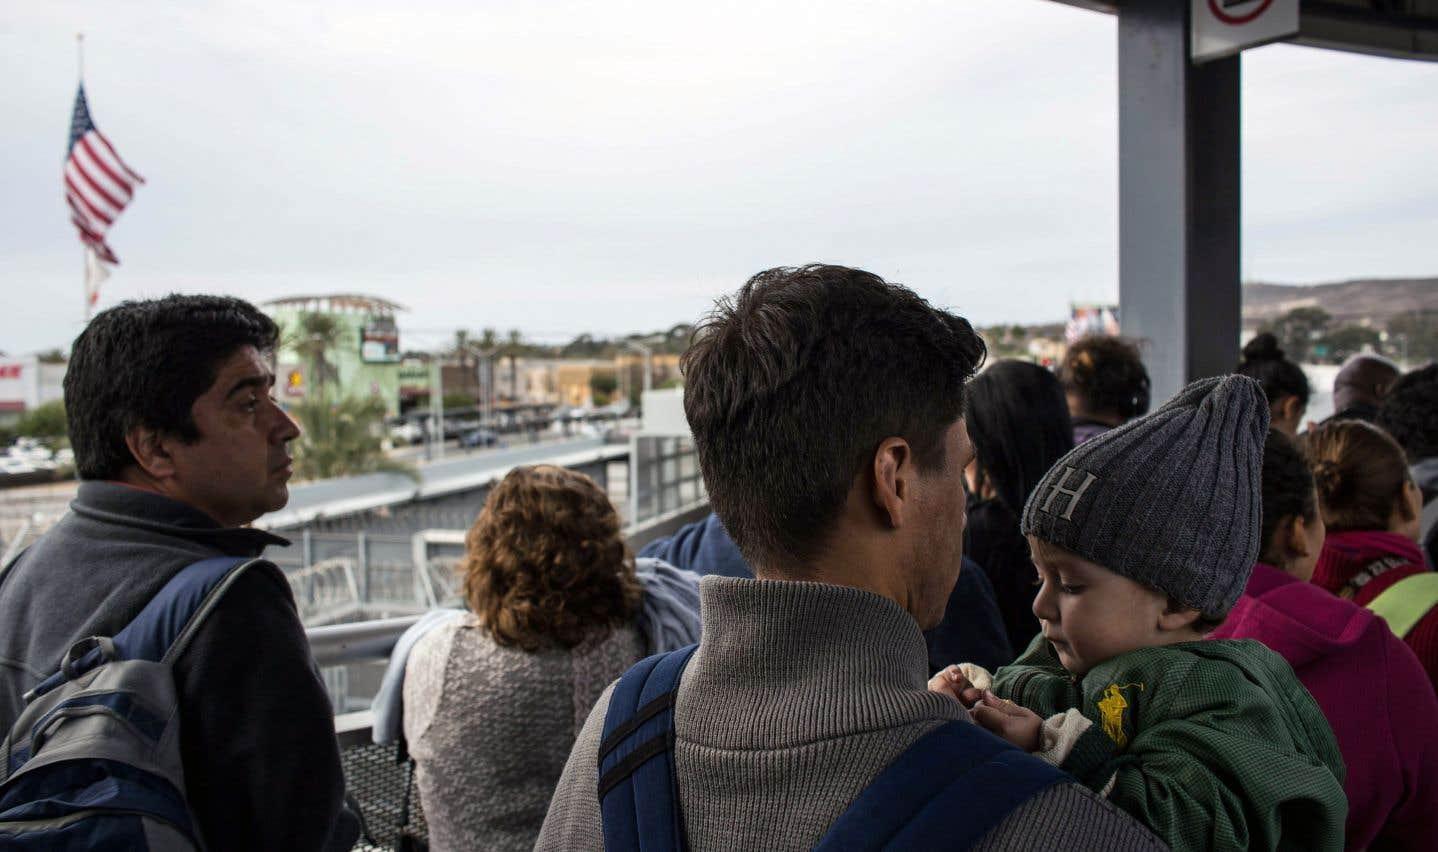 Les États-Unis se retirent d'un pacte mondial sur les migrants et les réfugiés